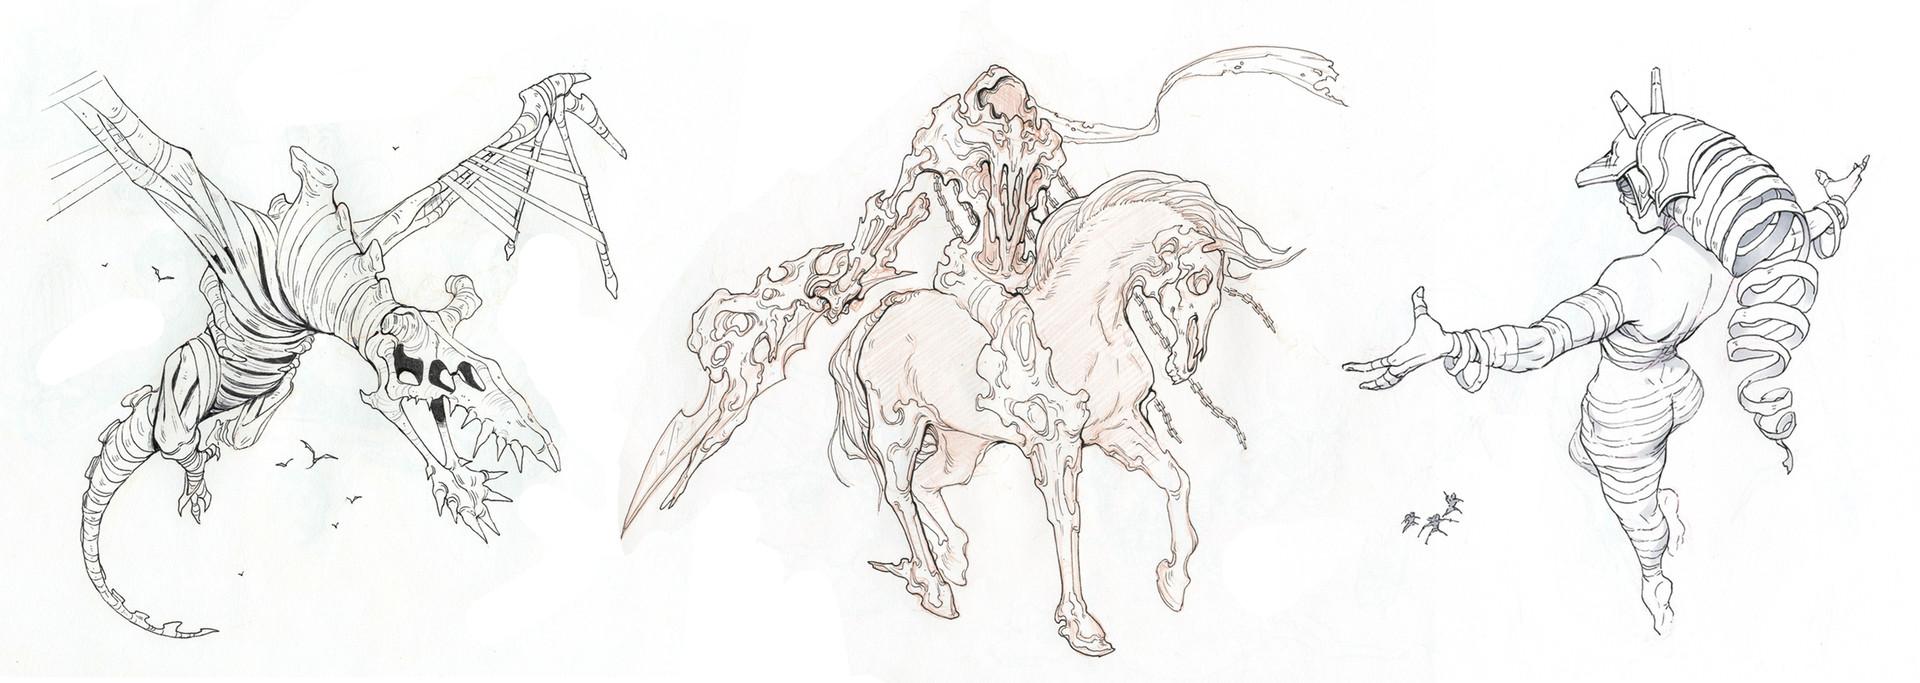 Mirko Mazzucco Sketchbook Designs